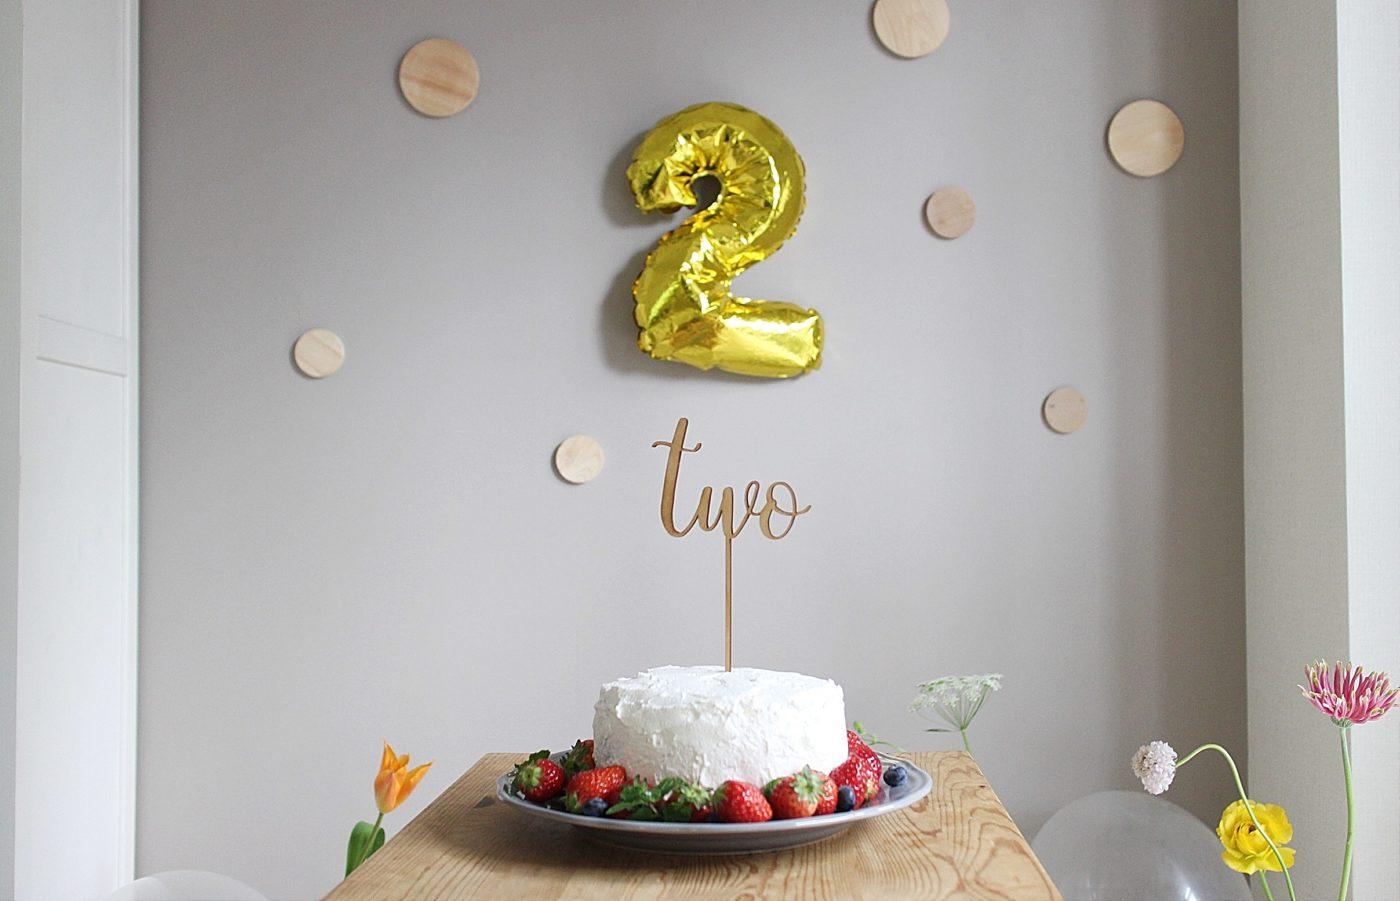 2才になりました!自宅パーティ、誕生日ケーキ編。